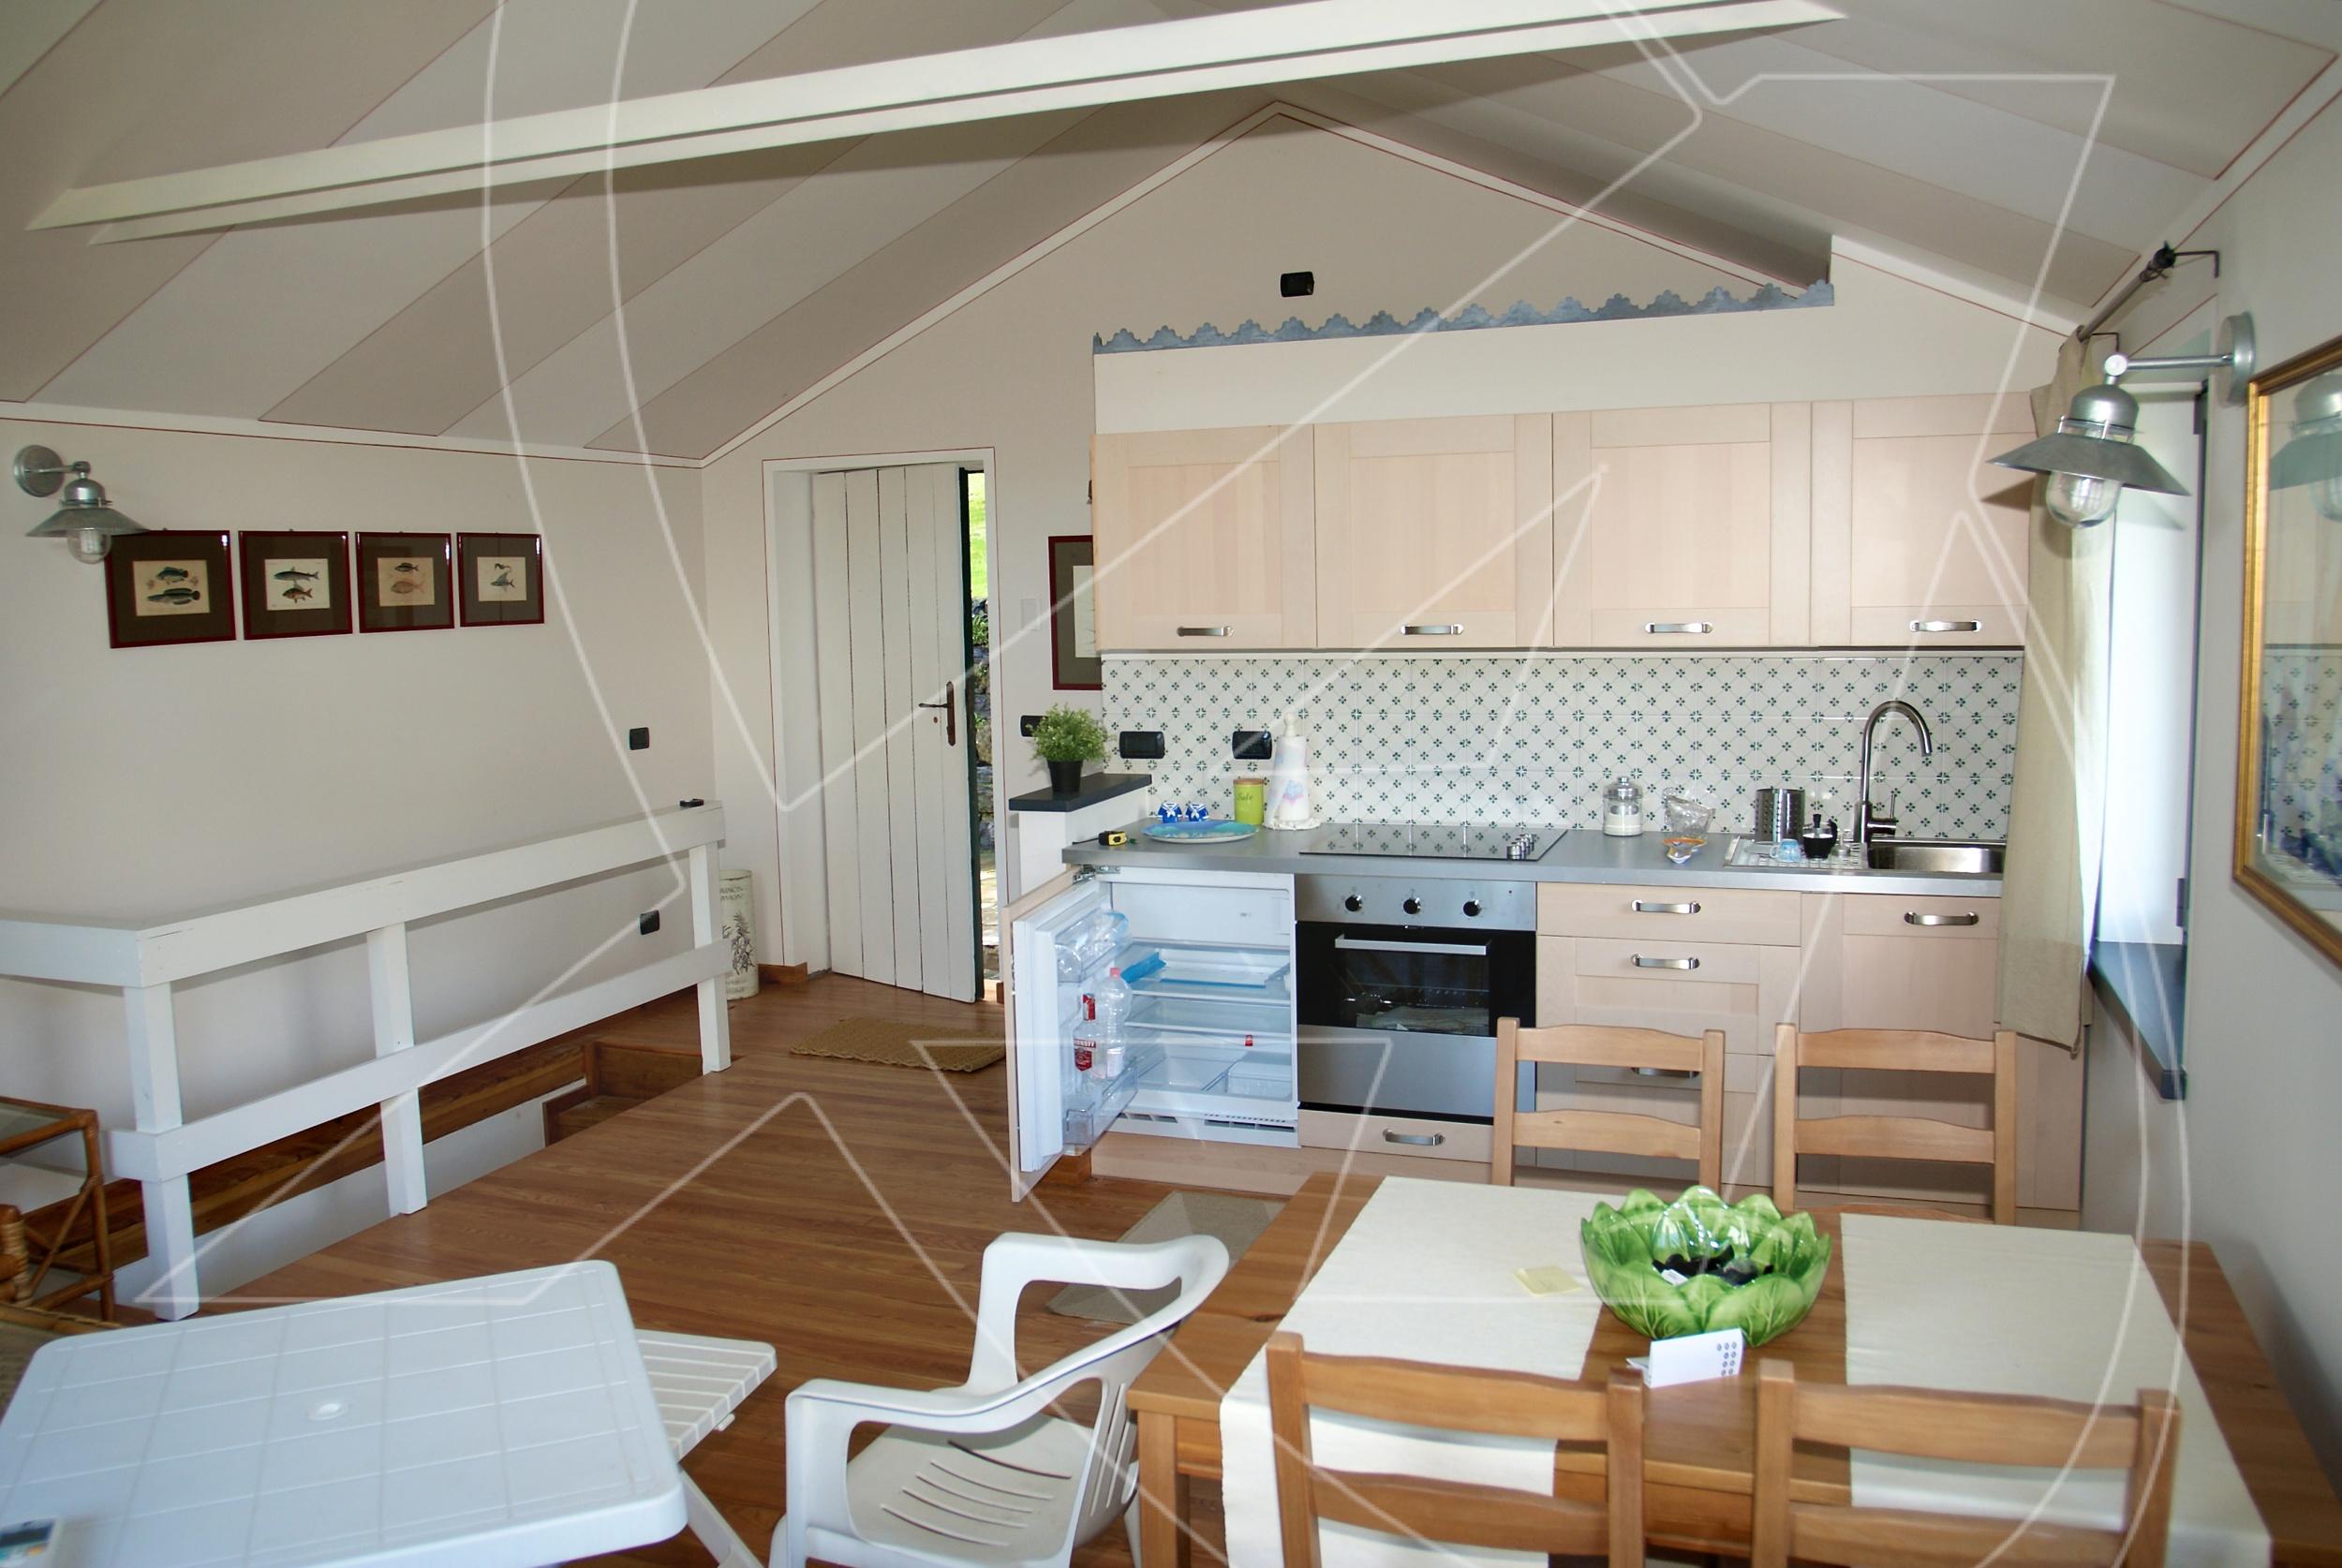 Ristrutturare Bagno Casa In Affitto : Villetta in affitto a san michele di pagana con giardino tigullio